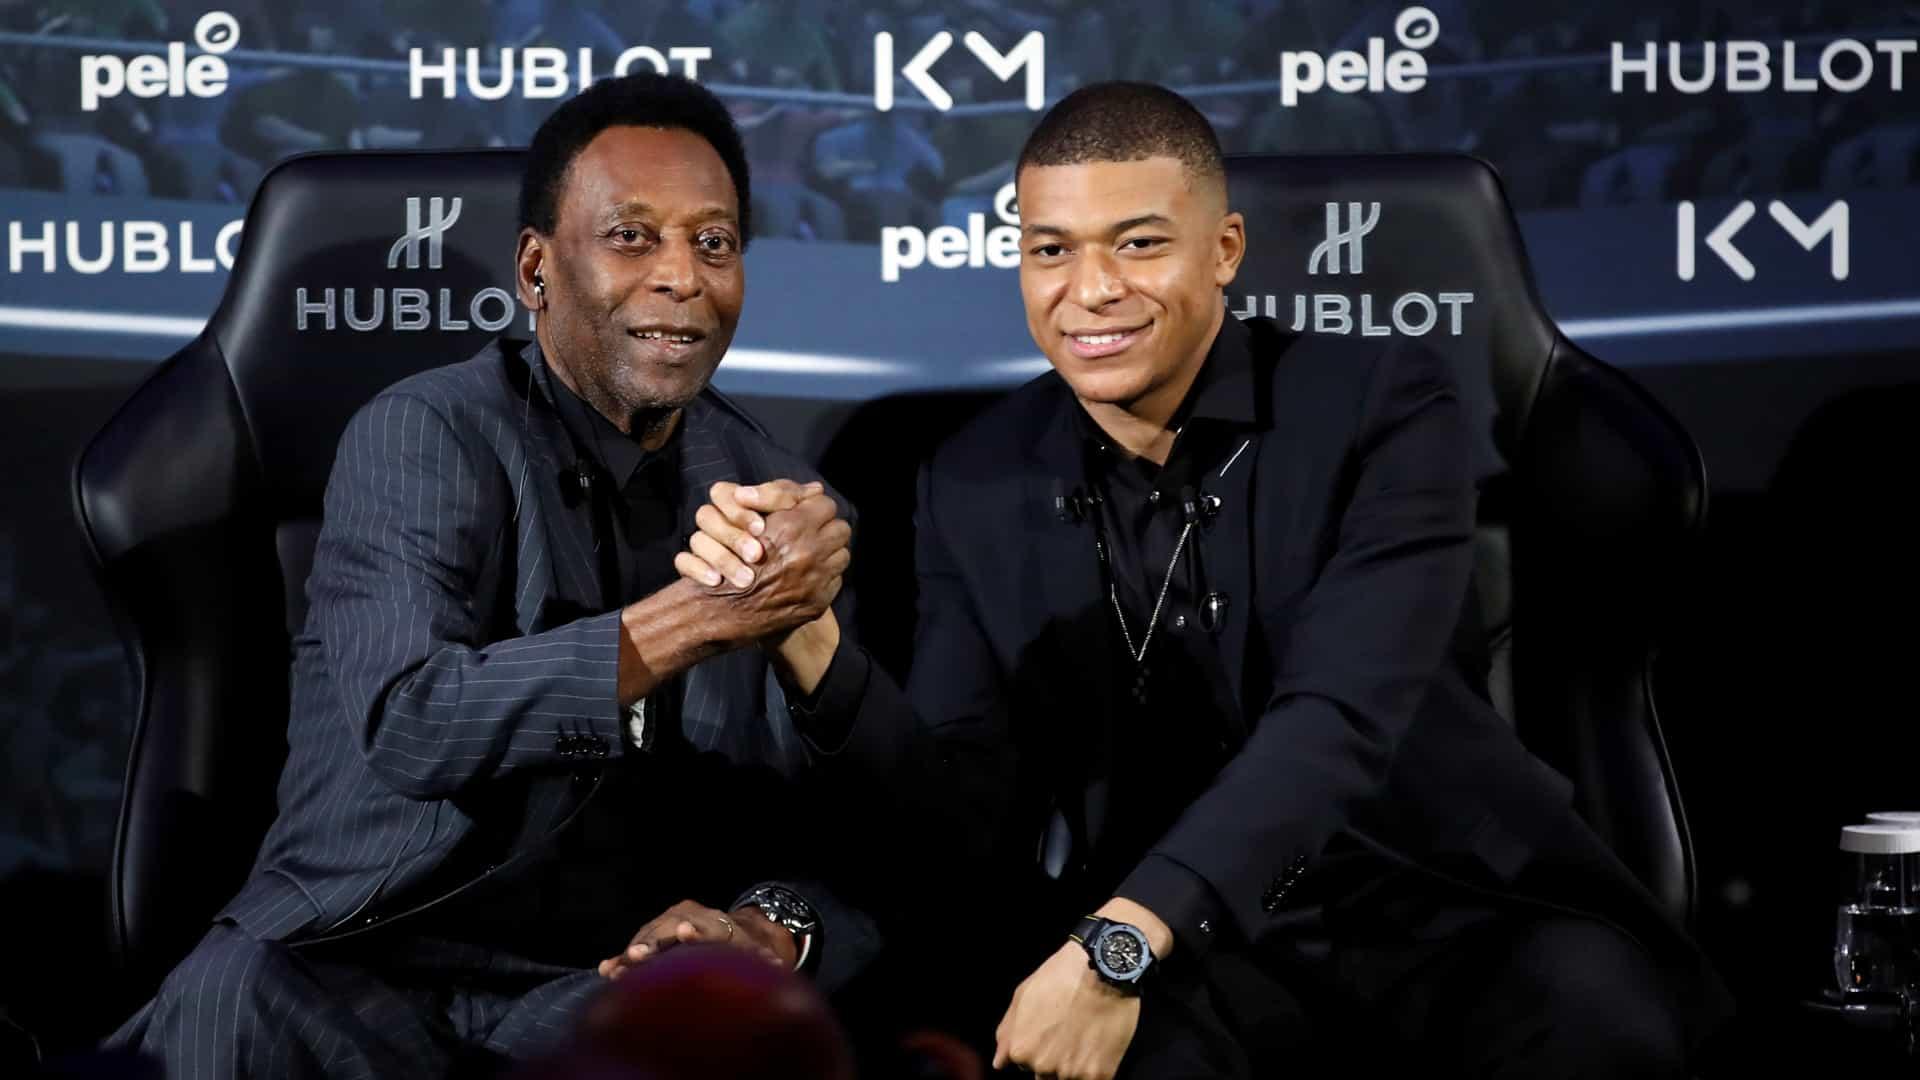 naom 5ca3c02ab2c52 1 - Pelé passa por exames em hospital de Paris e deve ser liberado hoje